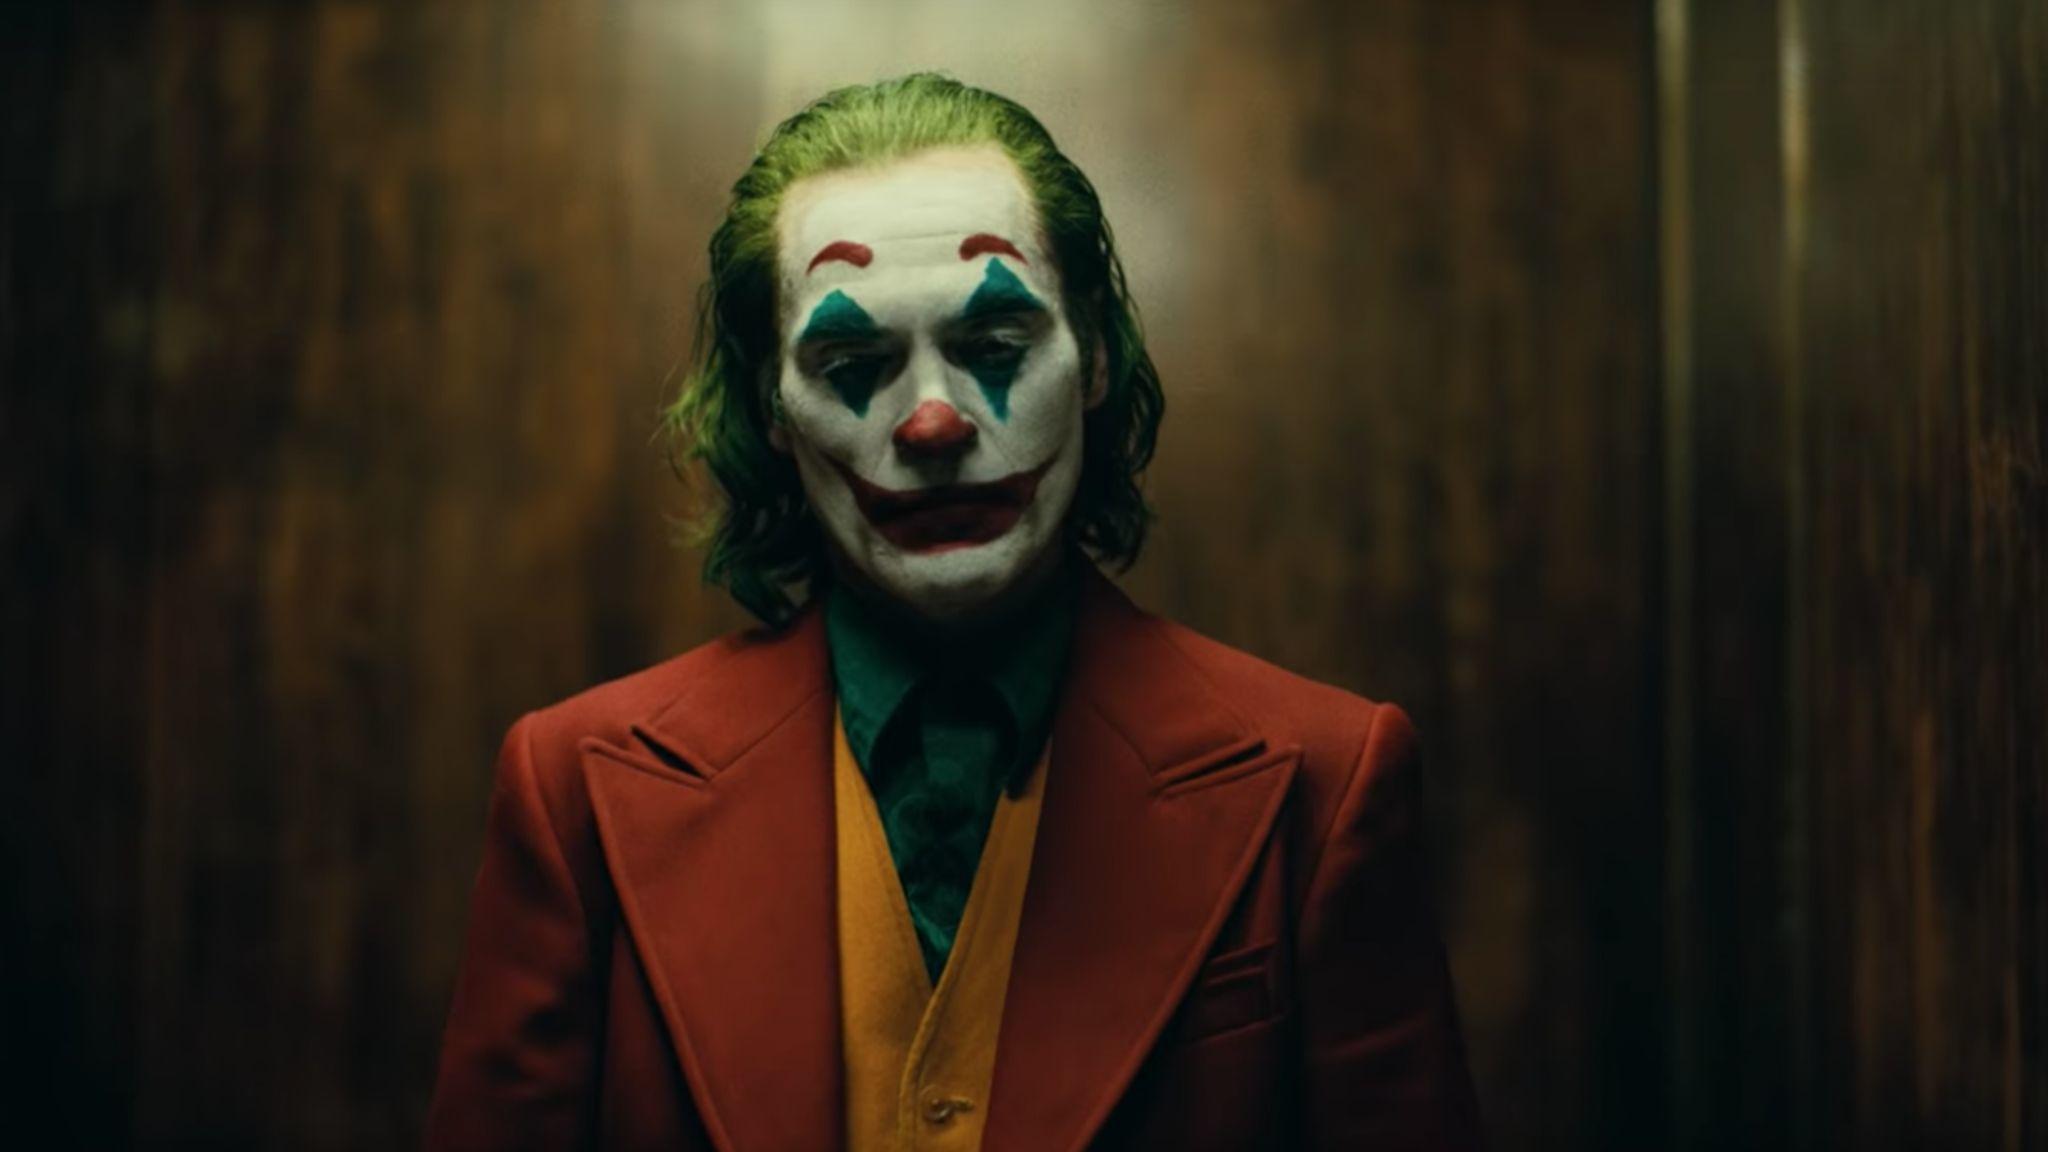 Watch: 'Joker' trailer offers first look at Joaquin Phoenix's villain